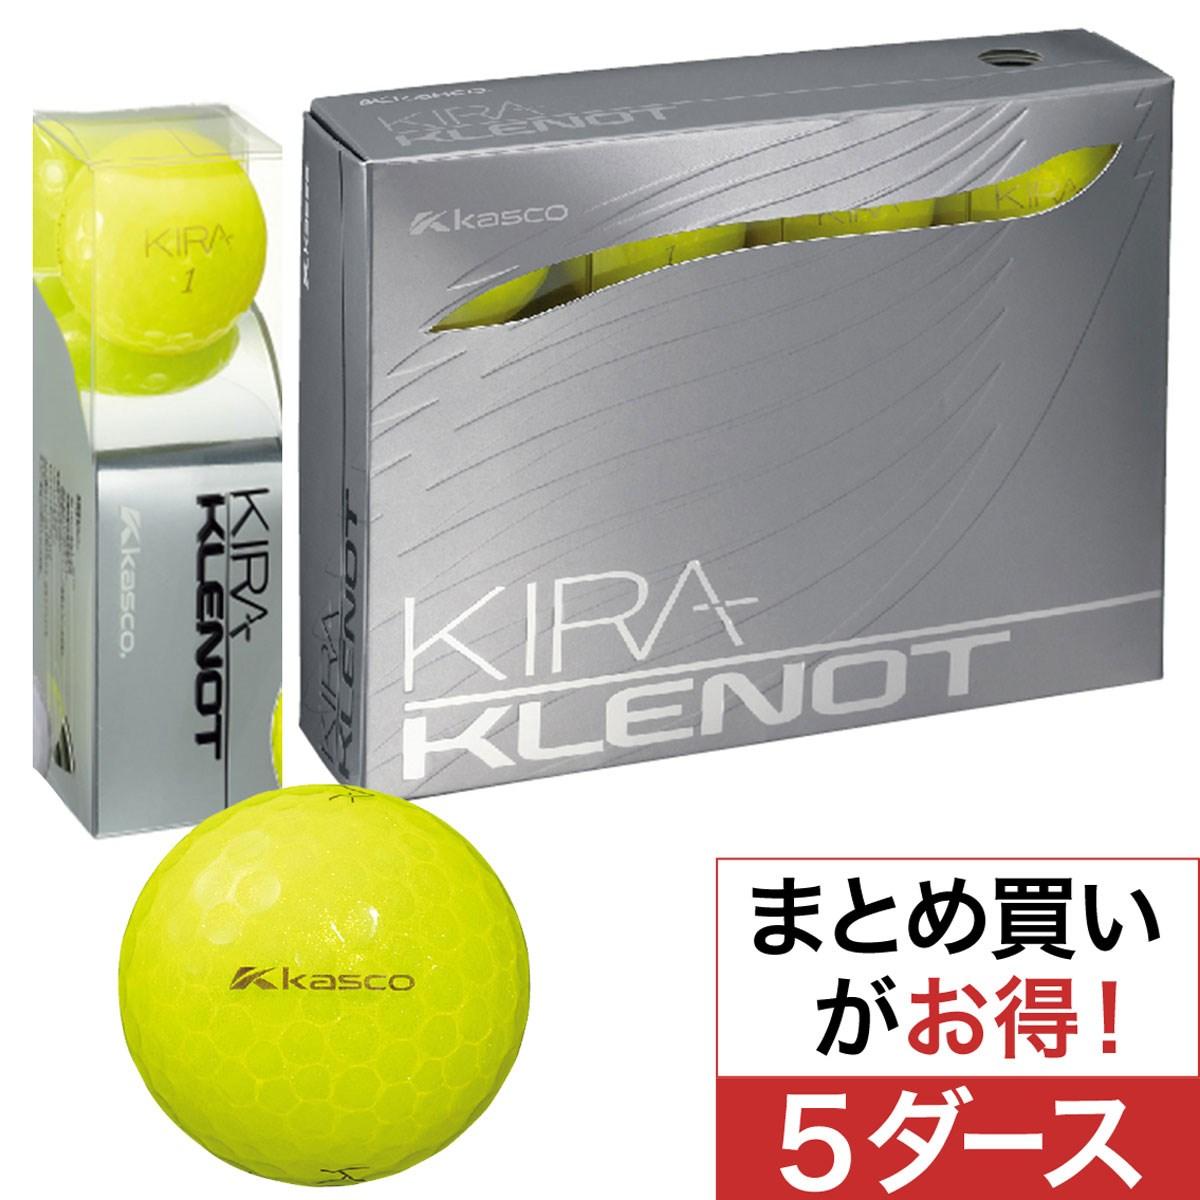 キャスコ(KASCO) KIRA クレノ ボール 5ダースセット